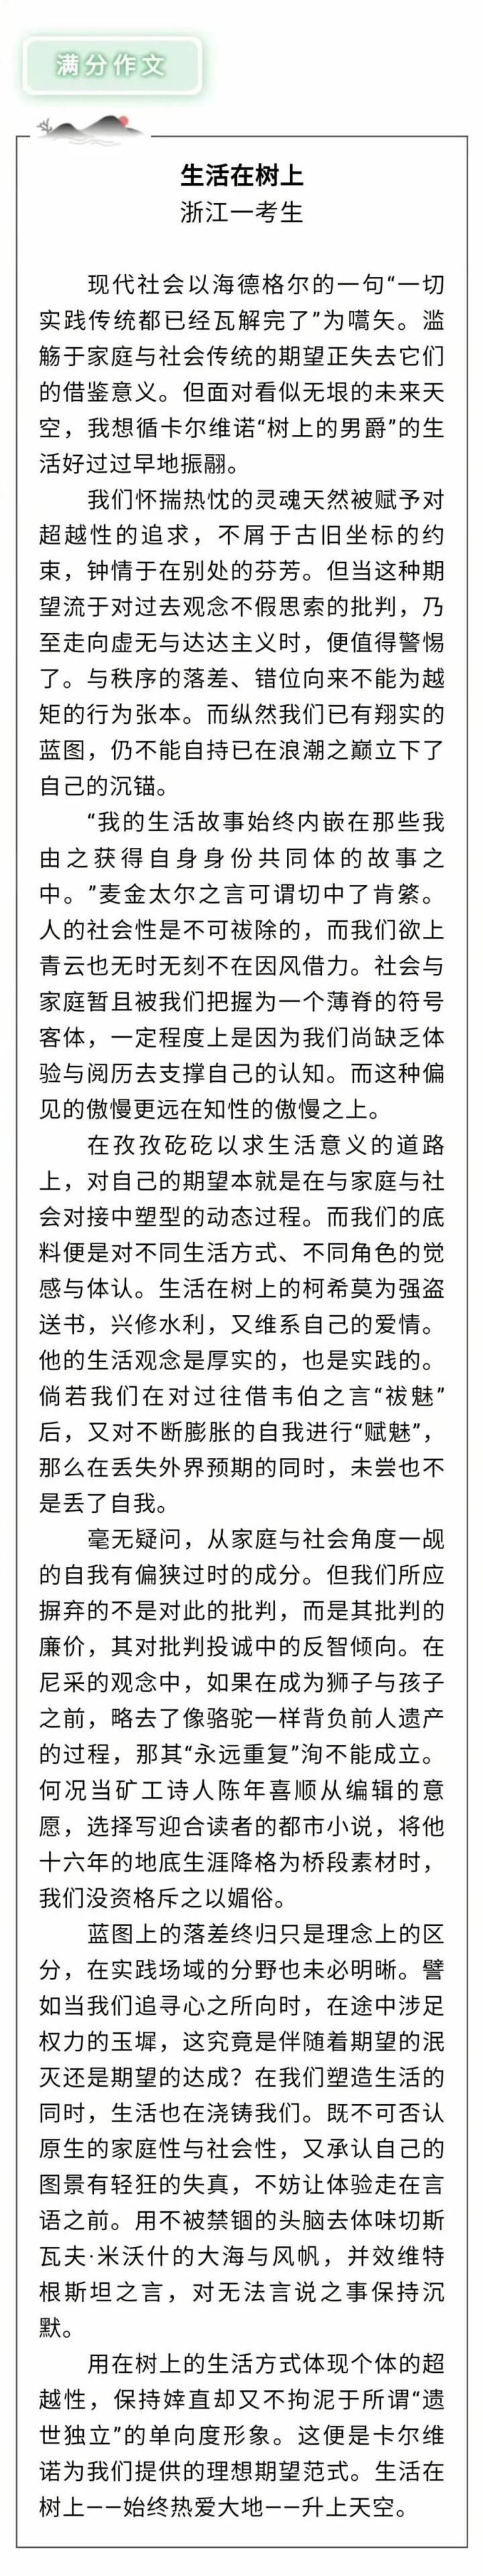 浙江回应高考满分作文:评卷组组长陈建新泄露答卷,停止其工作